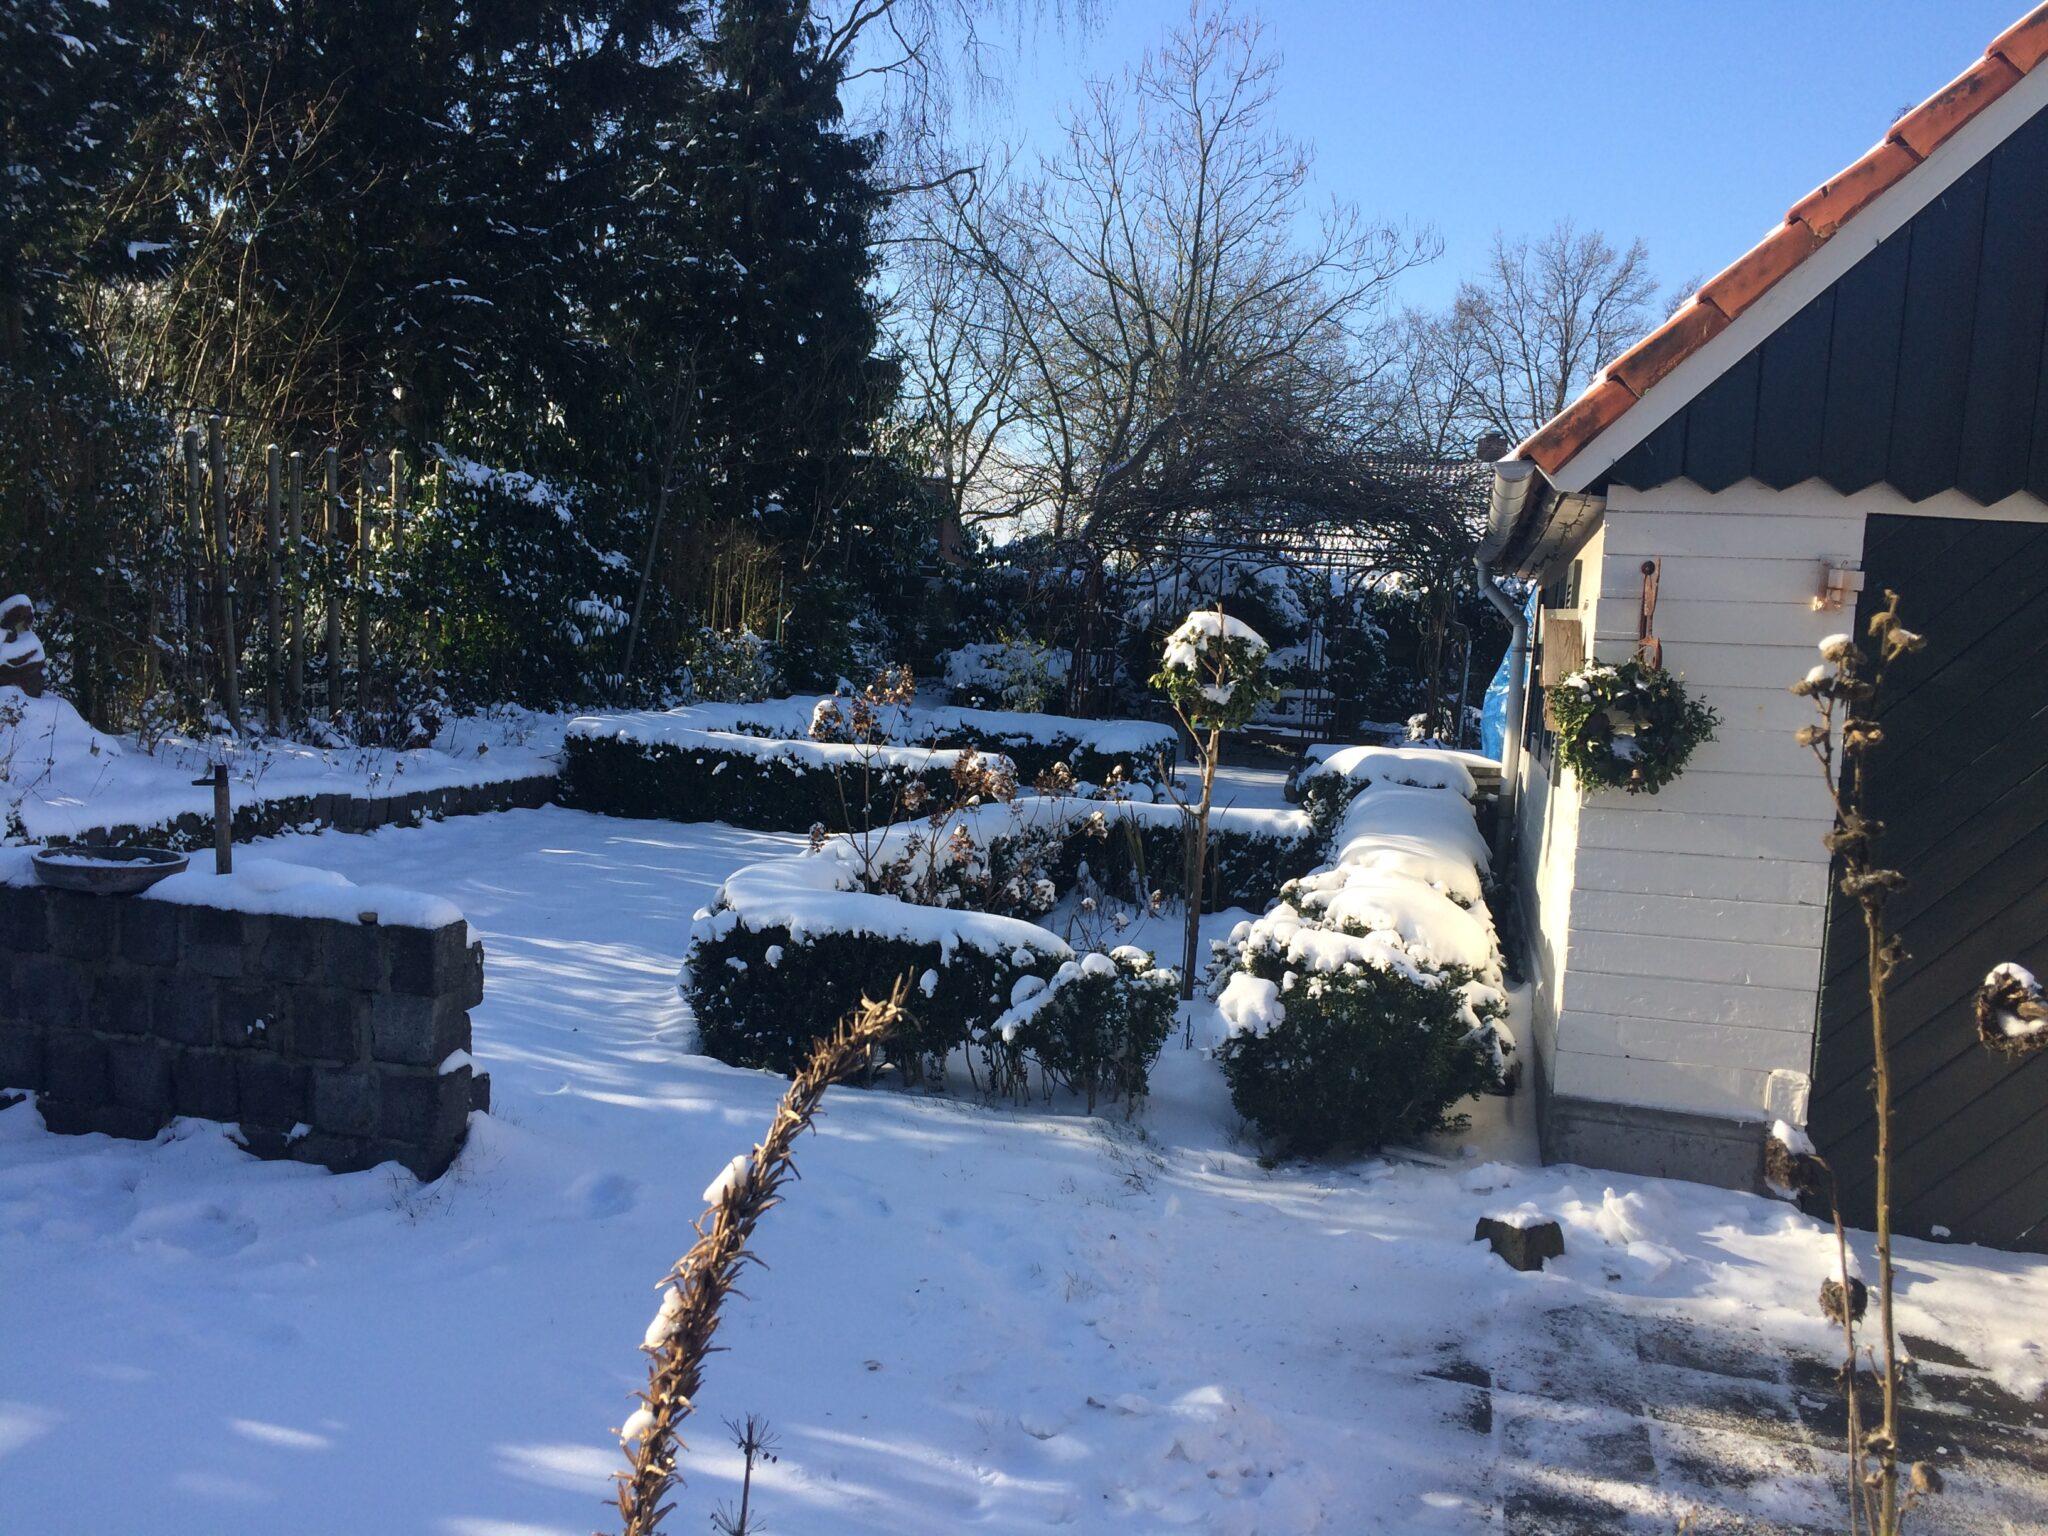 Sneeuw; uitnodiging voor naar binnen of juist naar buiten?